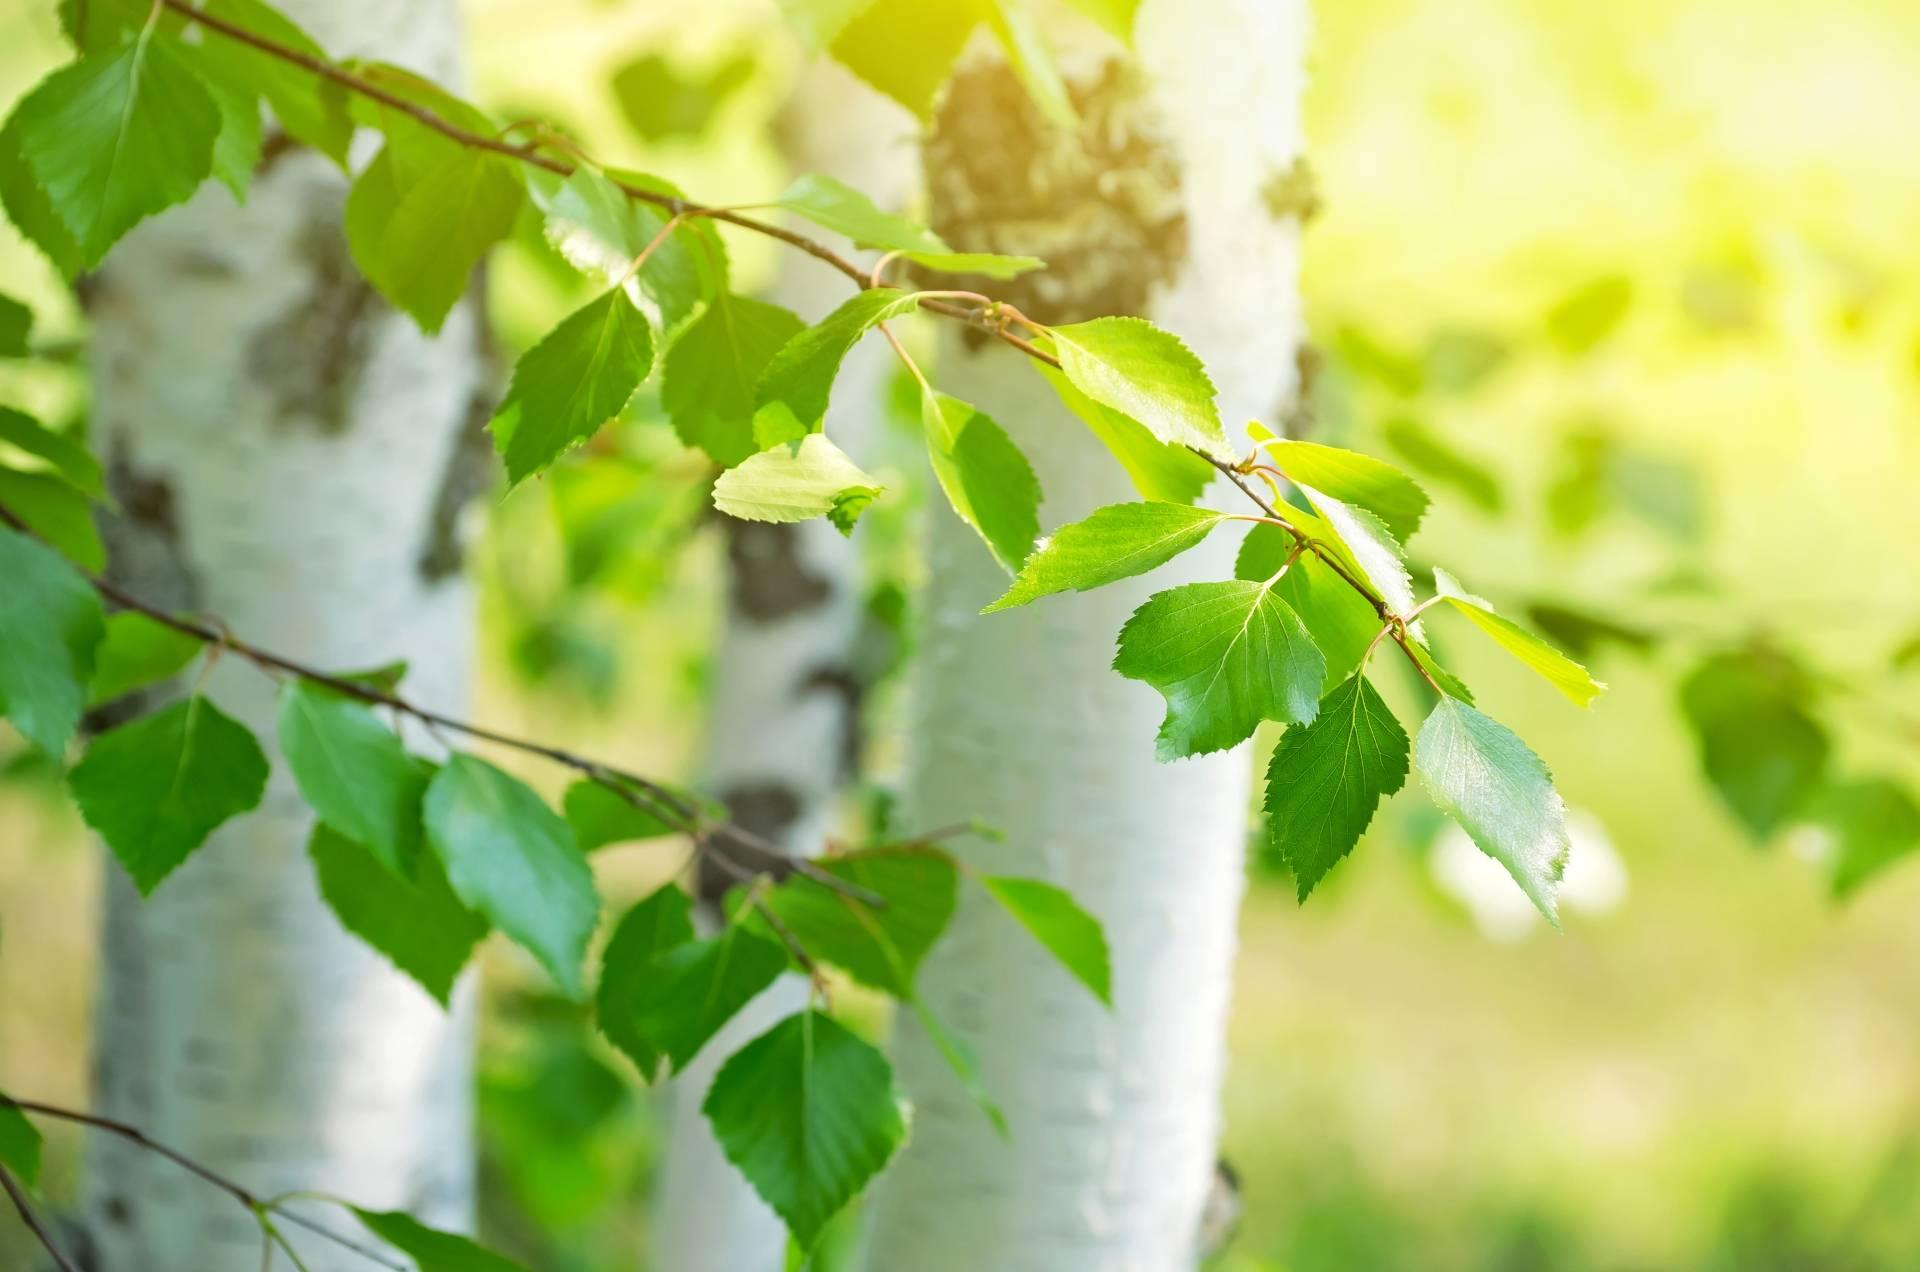 Liście brzozy w lesie. Które drzewa są jadalne?